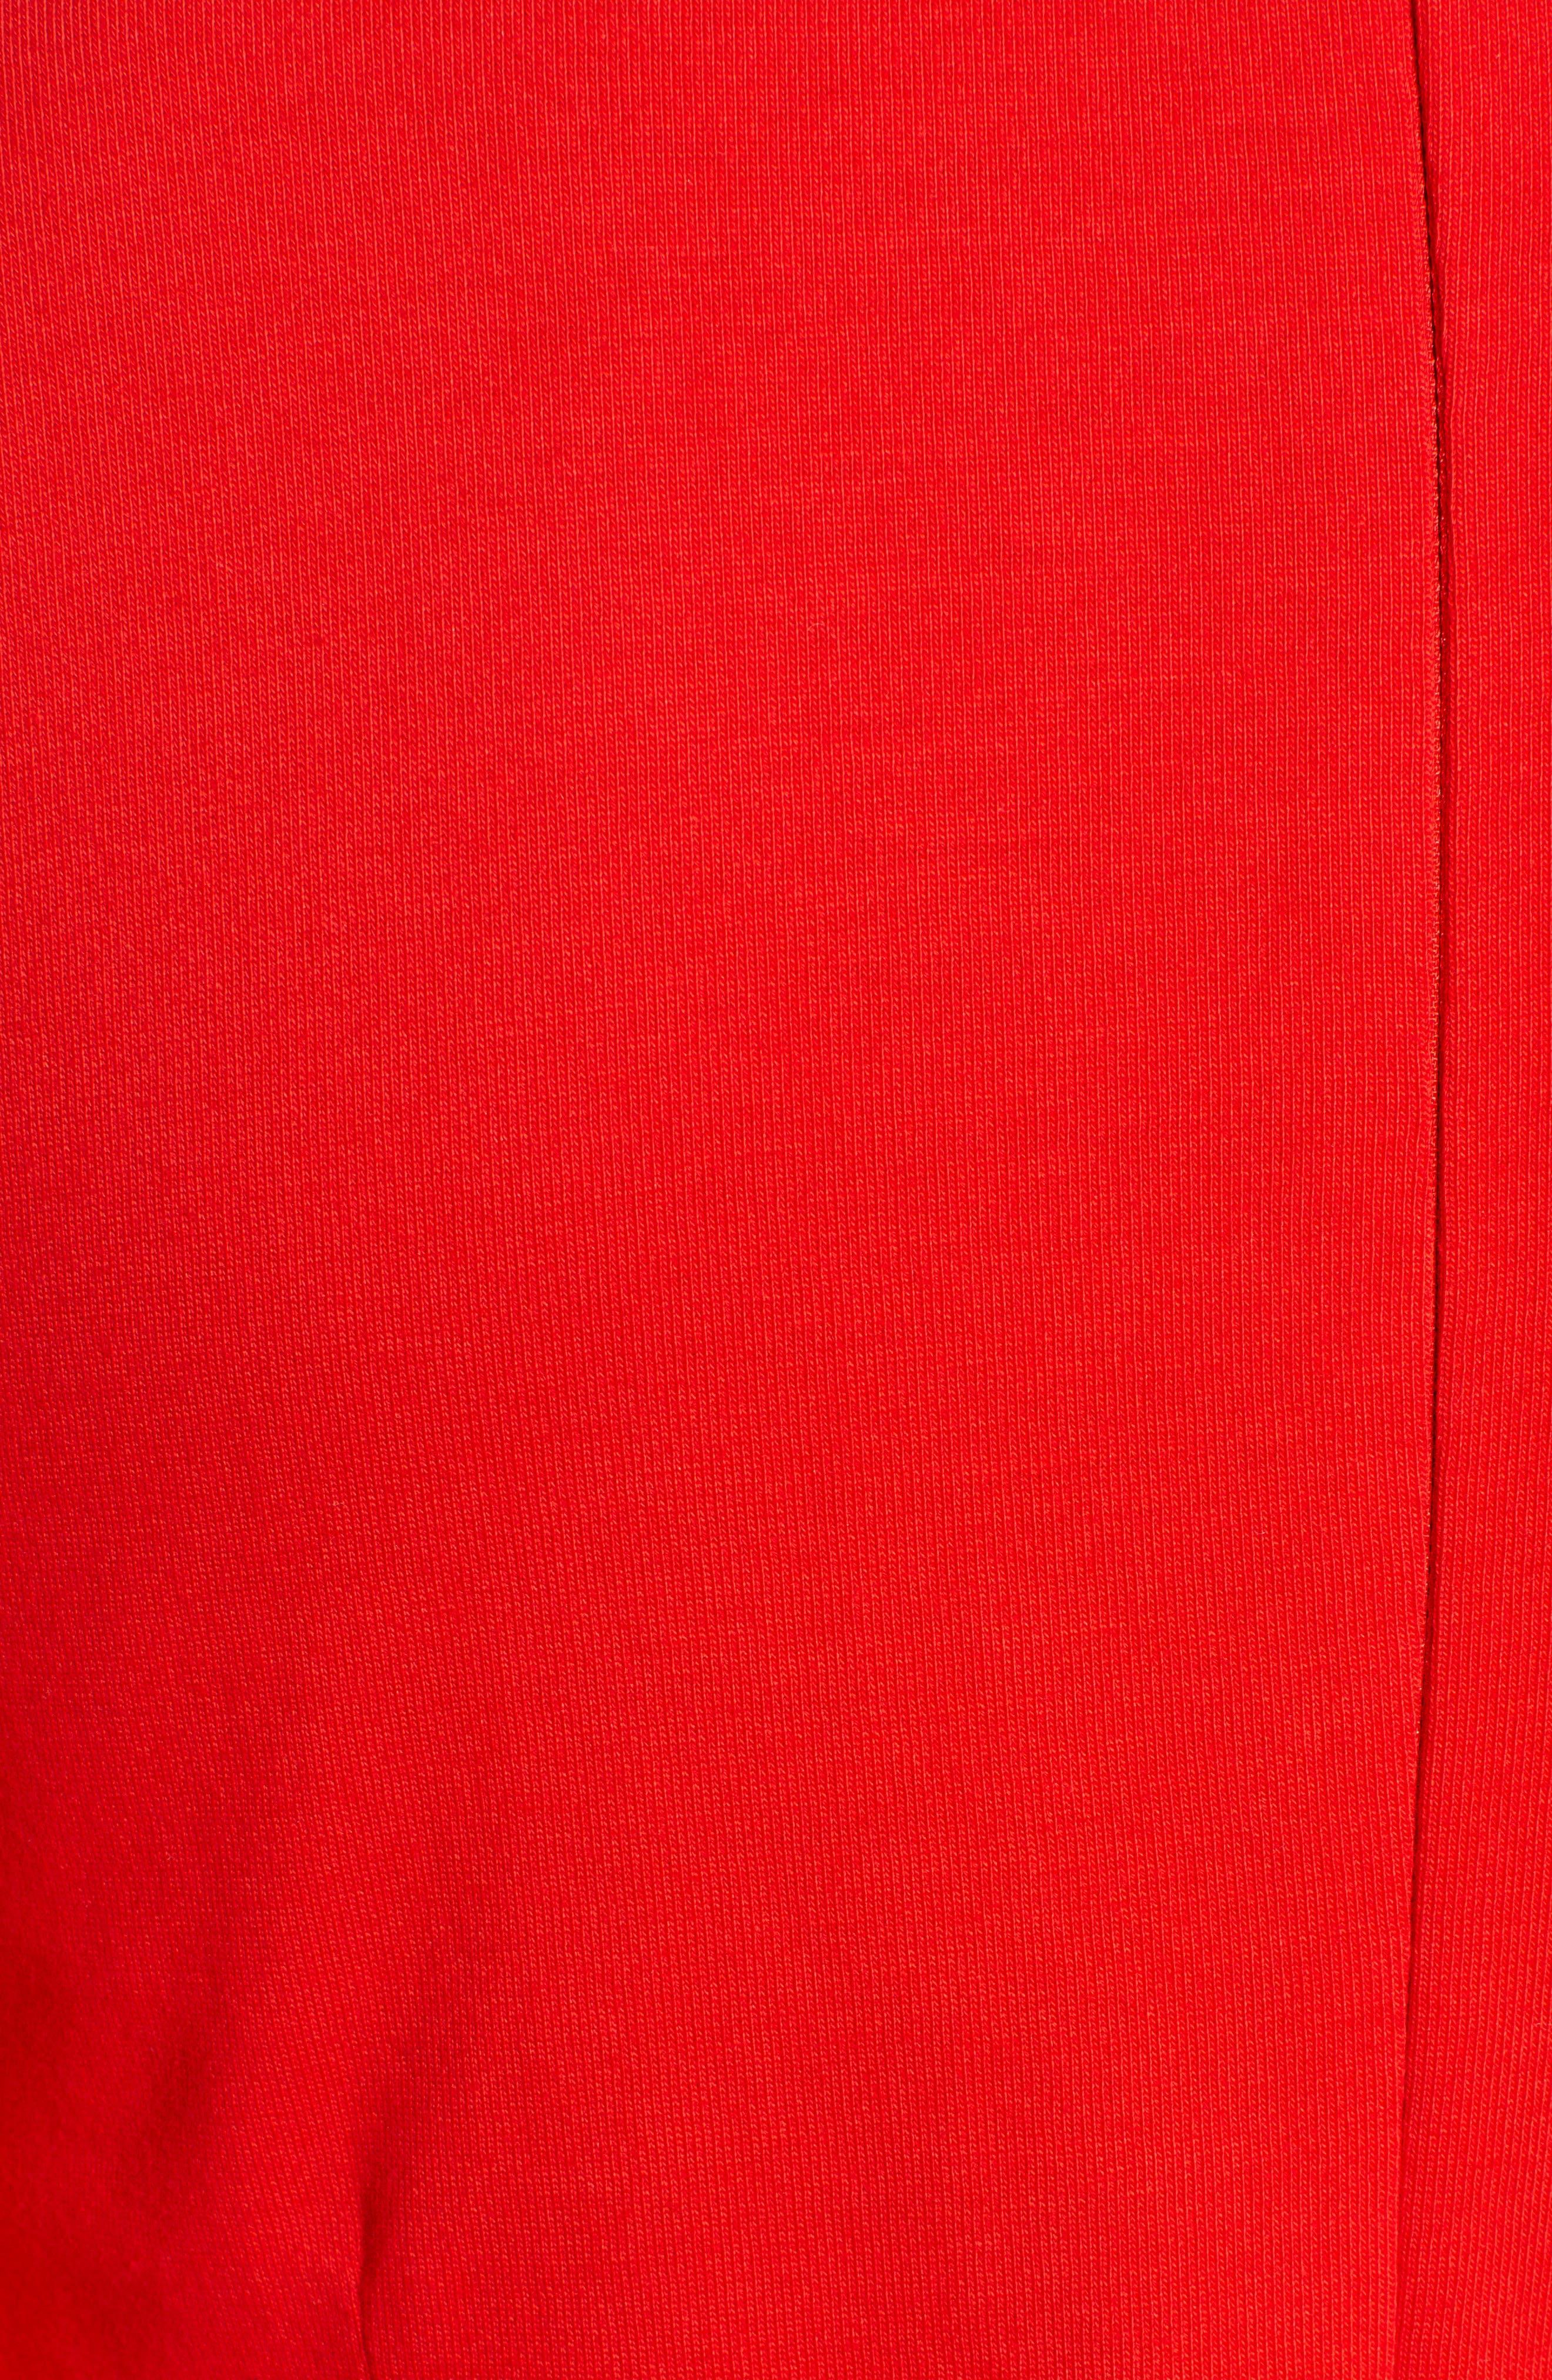 J.CREW, Knit Sheath Dress, Alternate thumbnail 8, color, BRIGHT CERISE